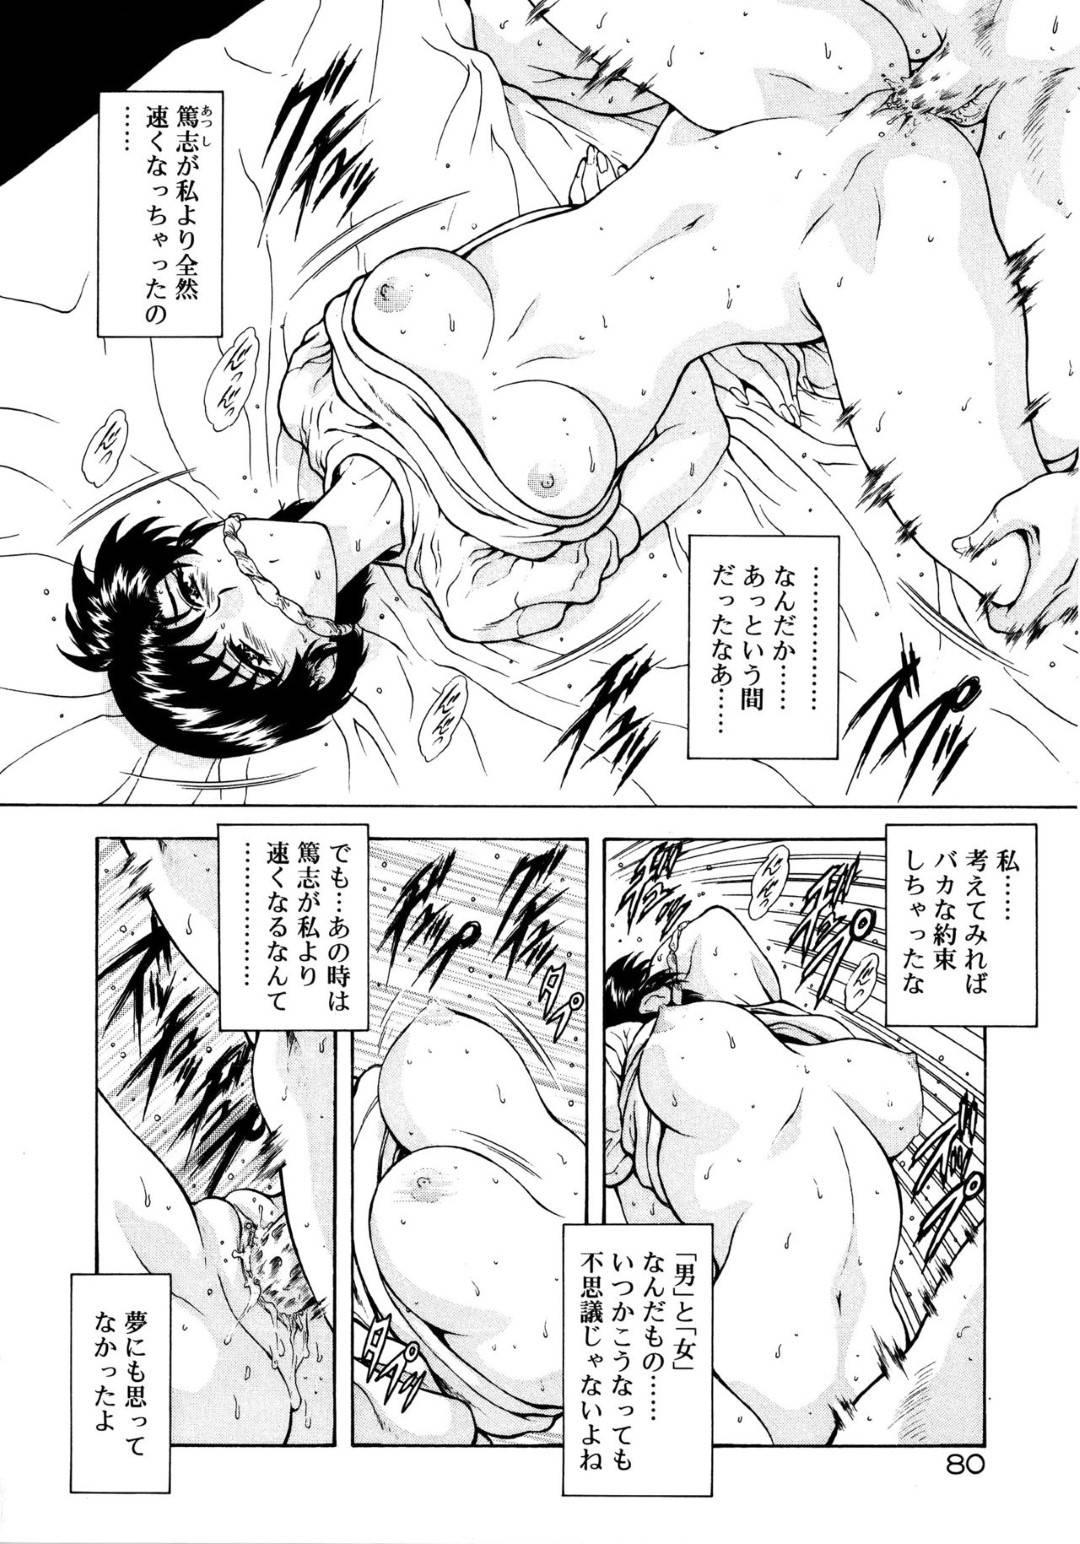 【エロ漫画】彼氏の要望に答えてブルマ姿になった陸上女子…彼女は彼にされるがままに手マンや乳首舐め、クンニなど愛撫を受けて正常位やバックで挿入されては中出しまでされてしまう!【向正義:心の測定値】